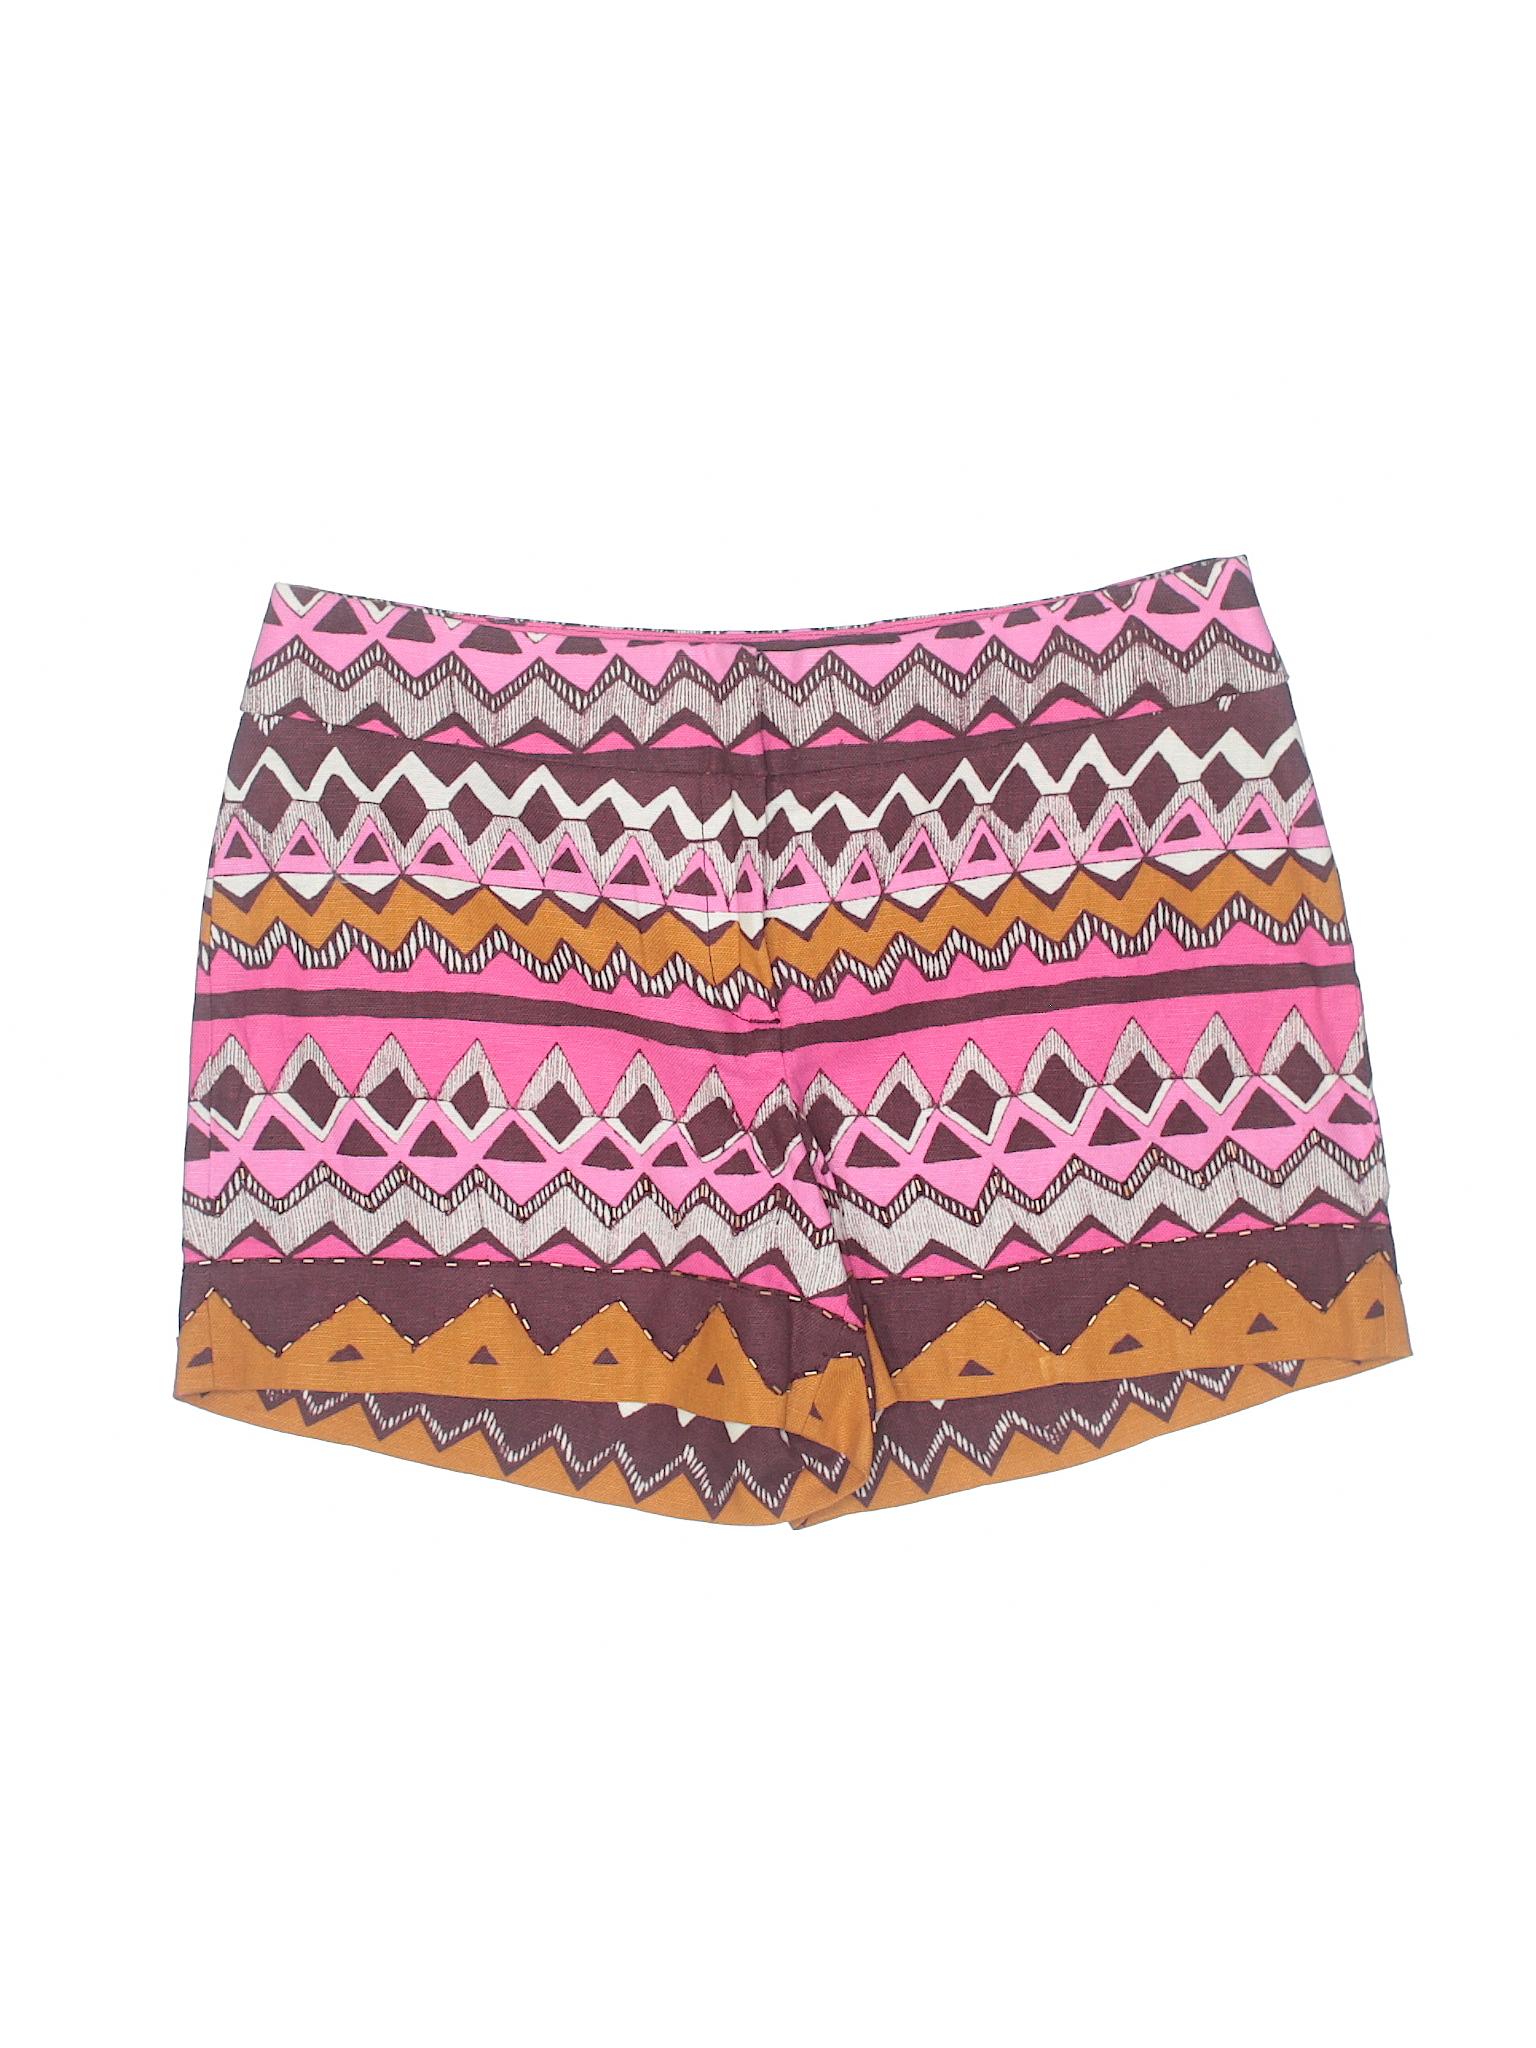 Boutique Taylor Loft Loft Ann Ann Taylor Shorts Boutique rwrxSpaq